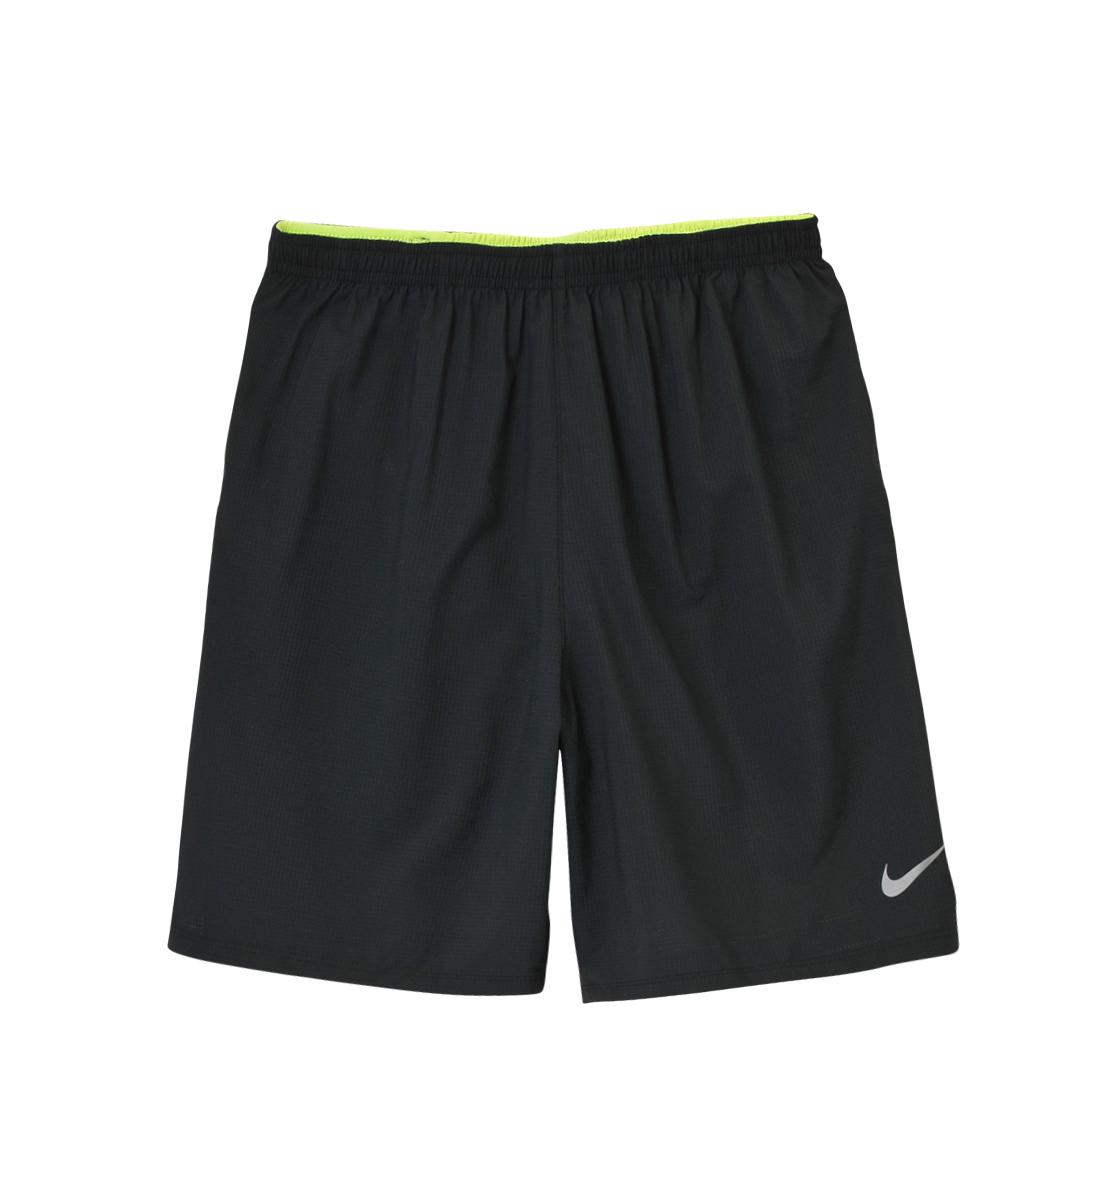 402ae1769c1 Short running nike pas cher - Vetement fitness et mode